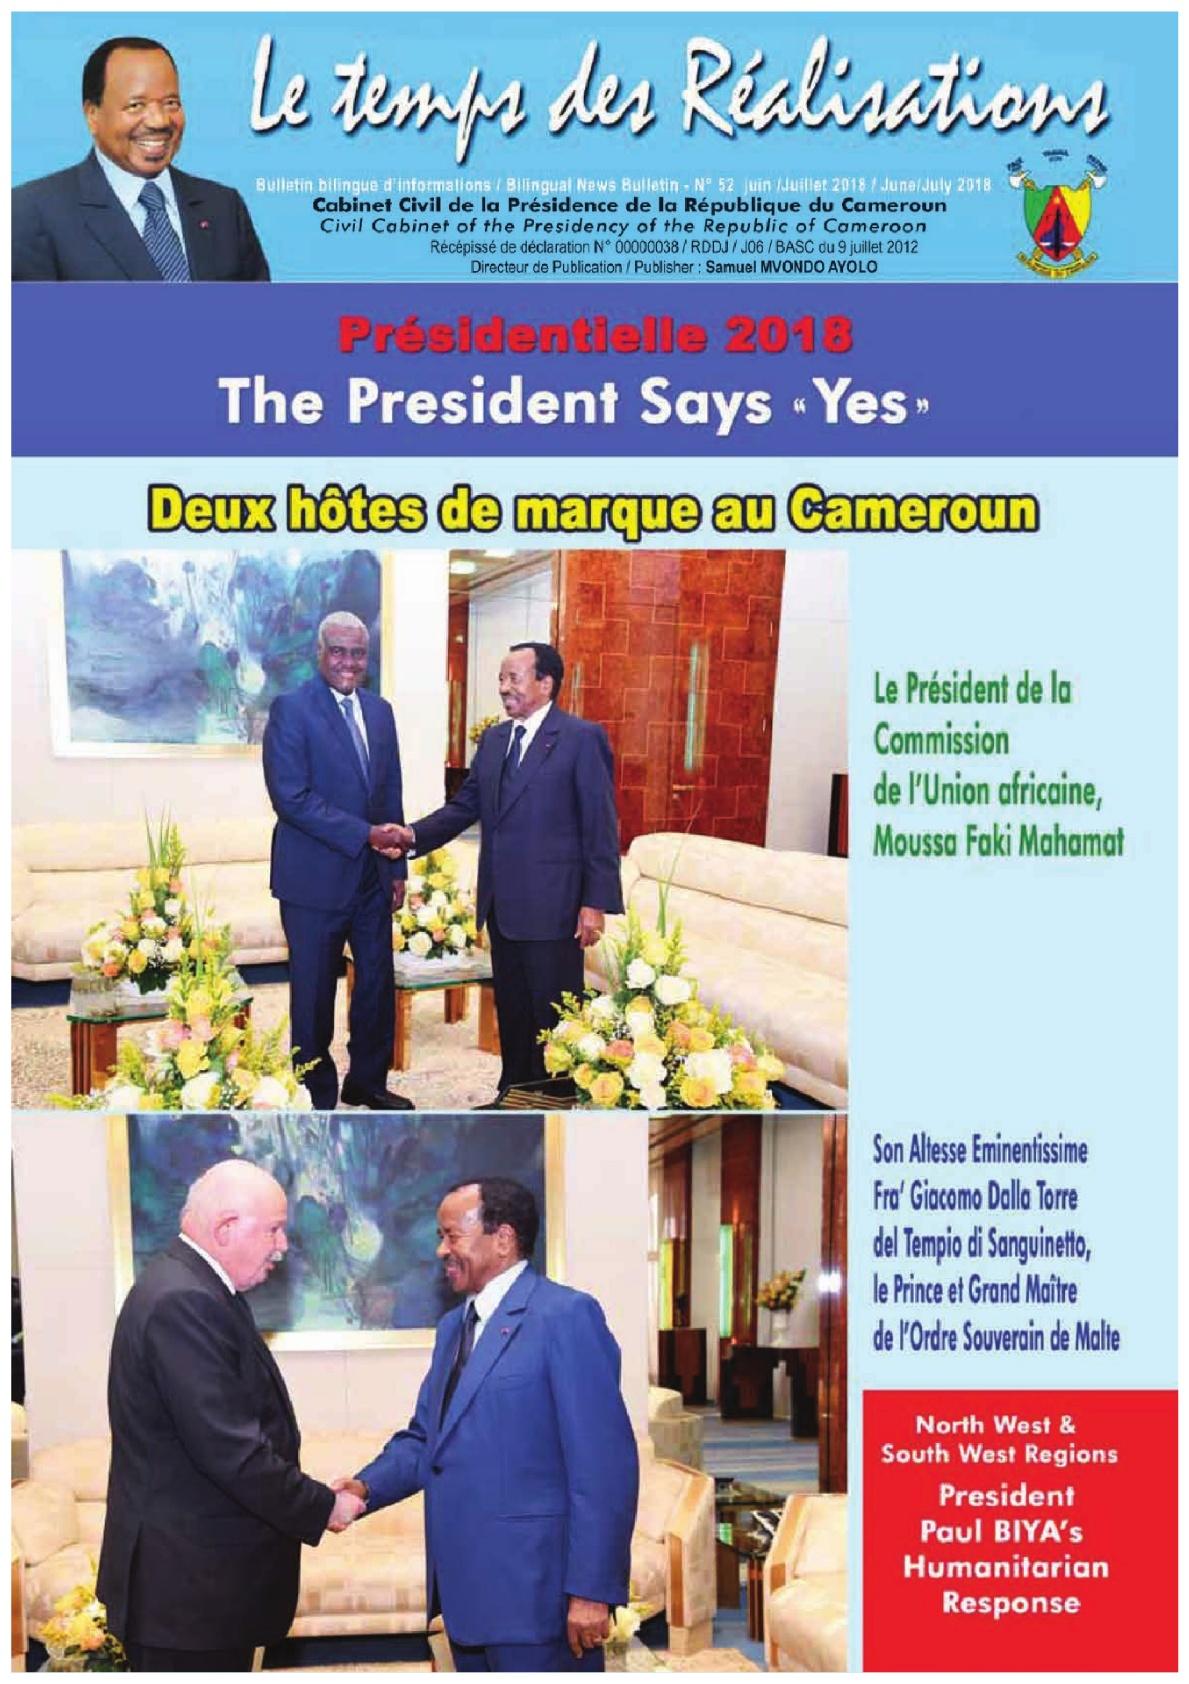 Présidence de la République du Cameroun - 14/12/2018